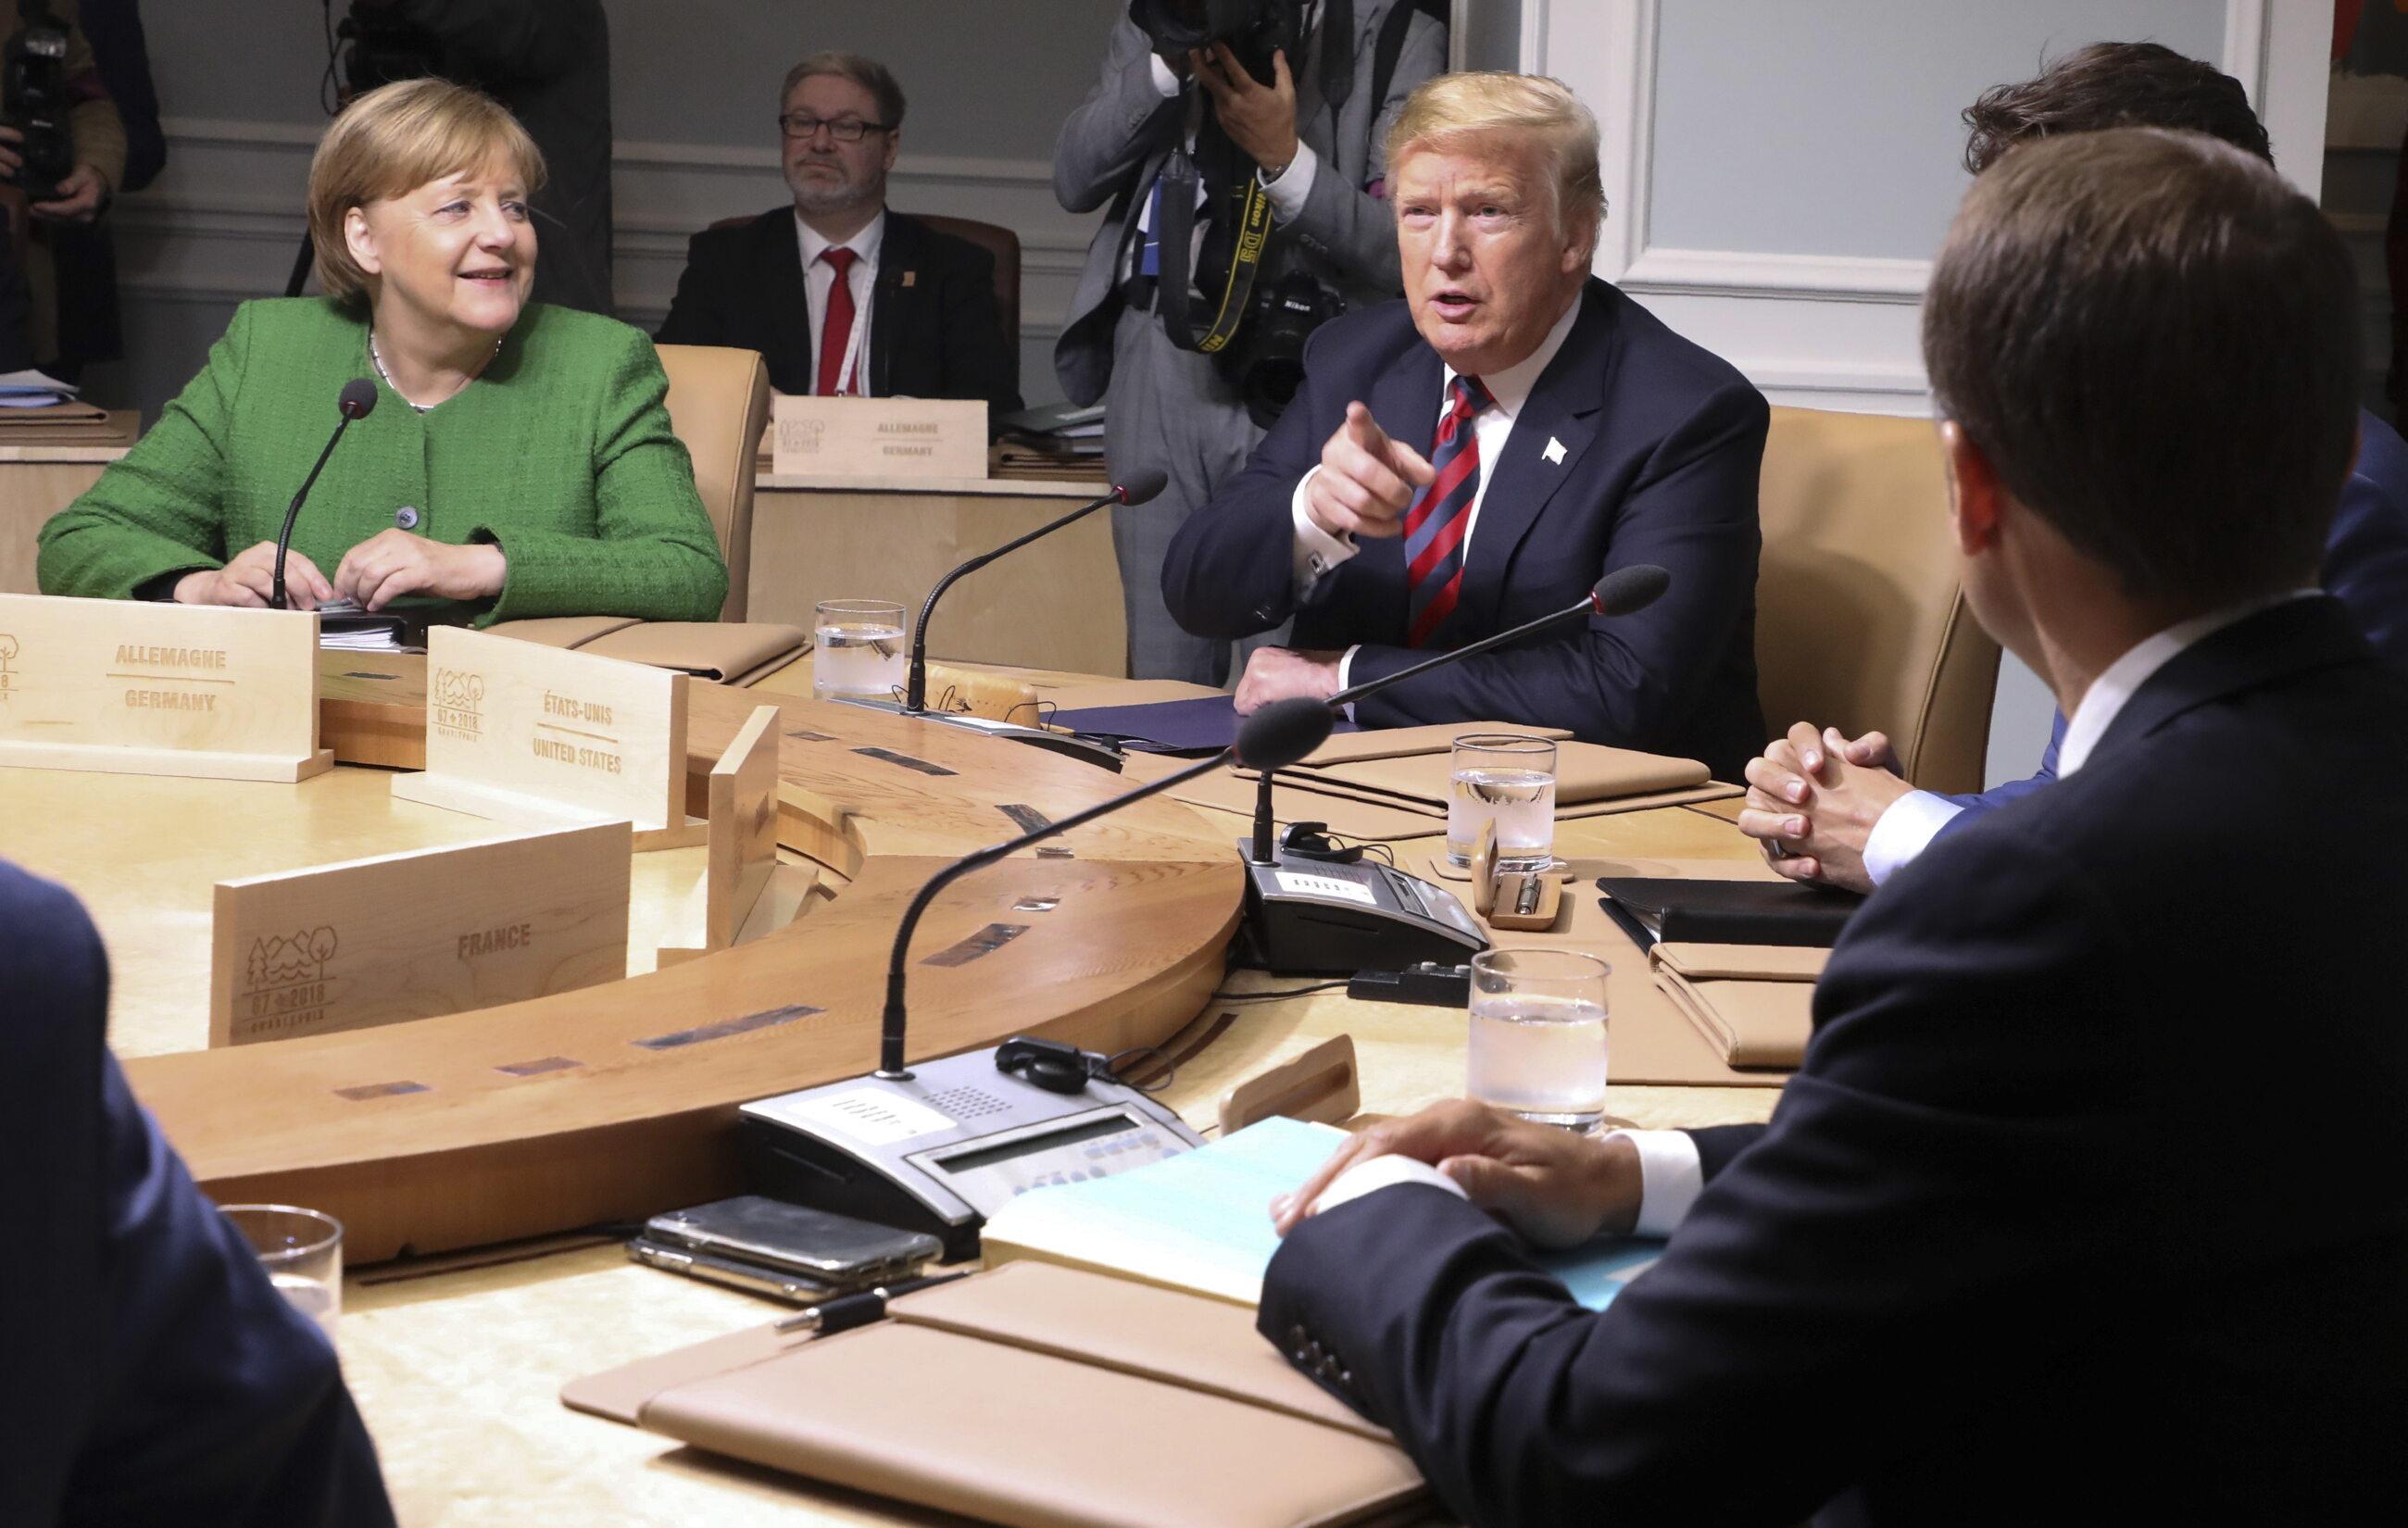 Prezydent Donald Trump, kanclerz Angela Merkel i prezydent Emmanuela Macron podczas szczytu G7